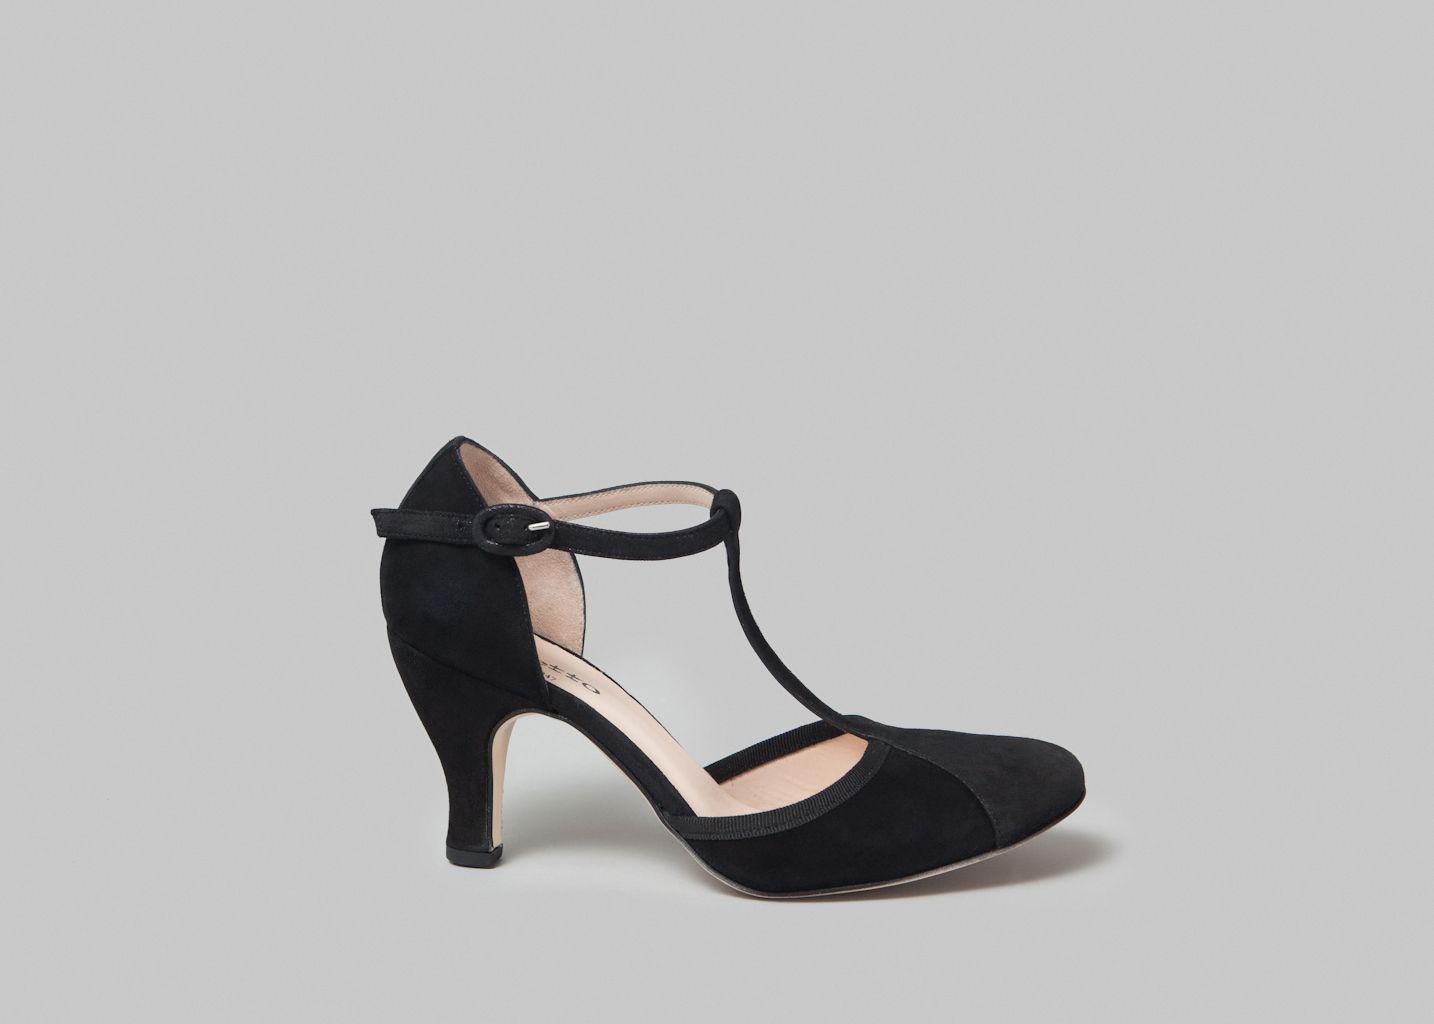 zara chaussures femmes solde. Black Bedroom Furniture Sets. Home Design Ideas